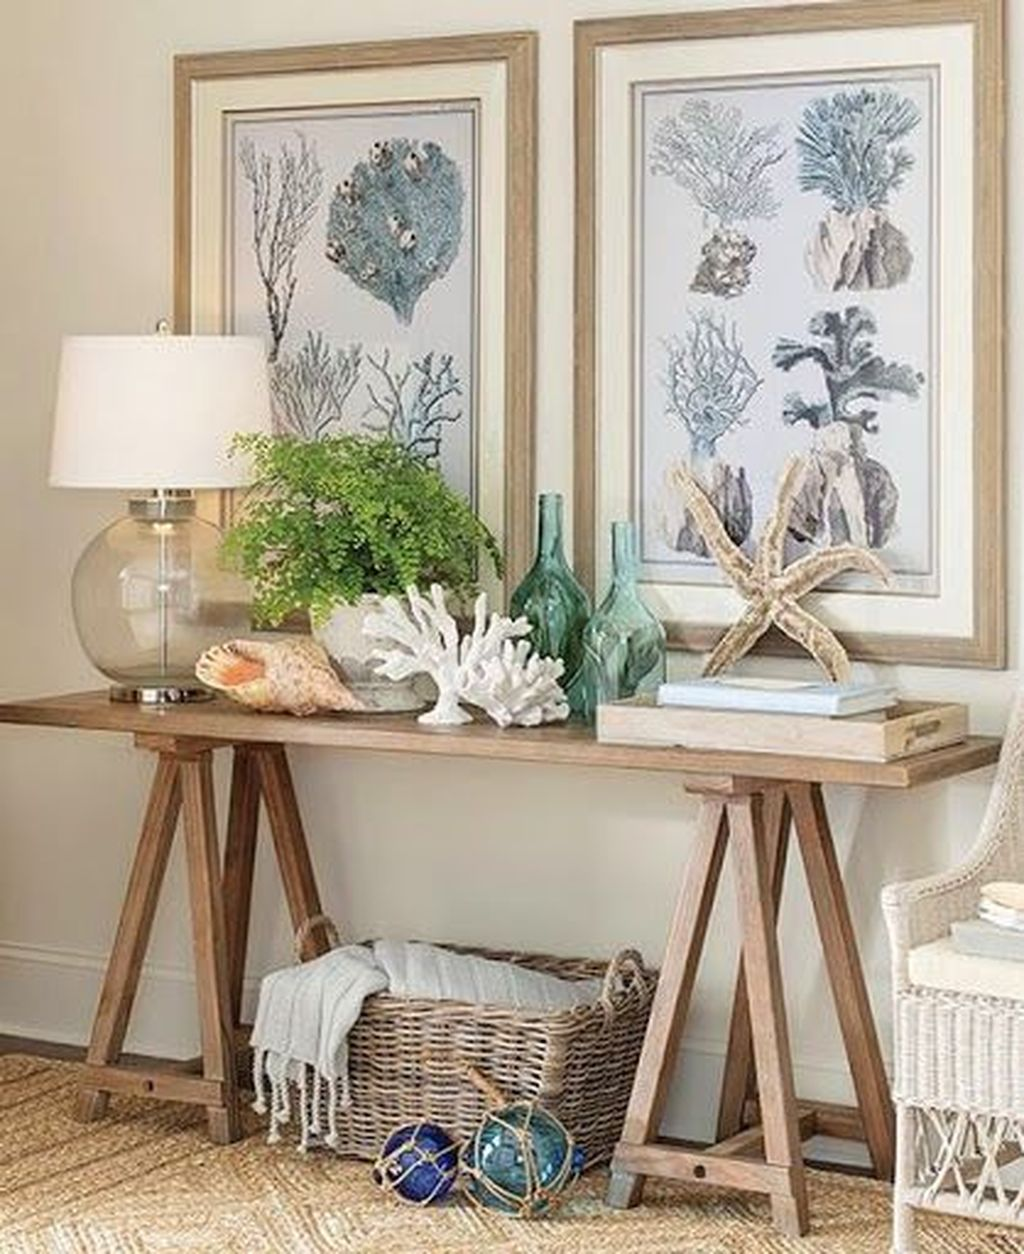 Inspiring Nautical Wall Decor Ideas For Living Room 12